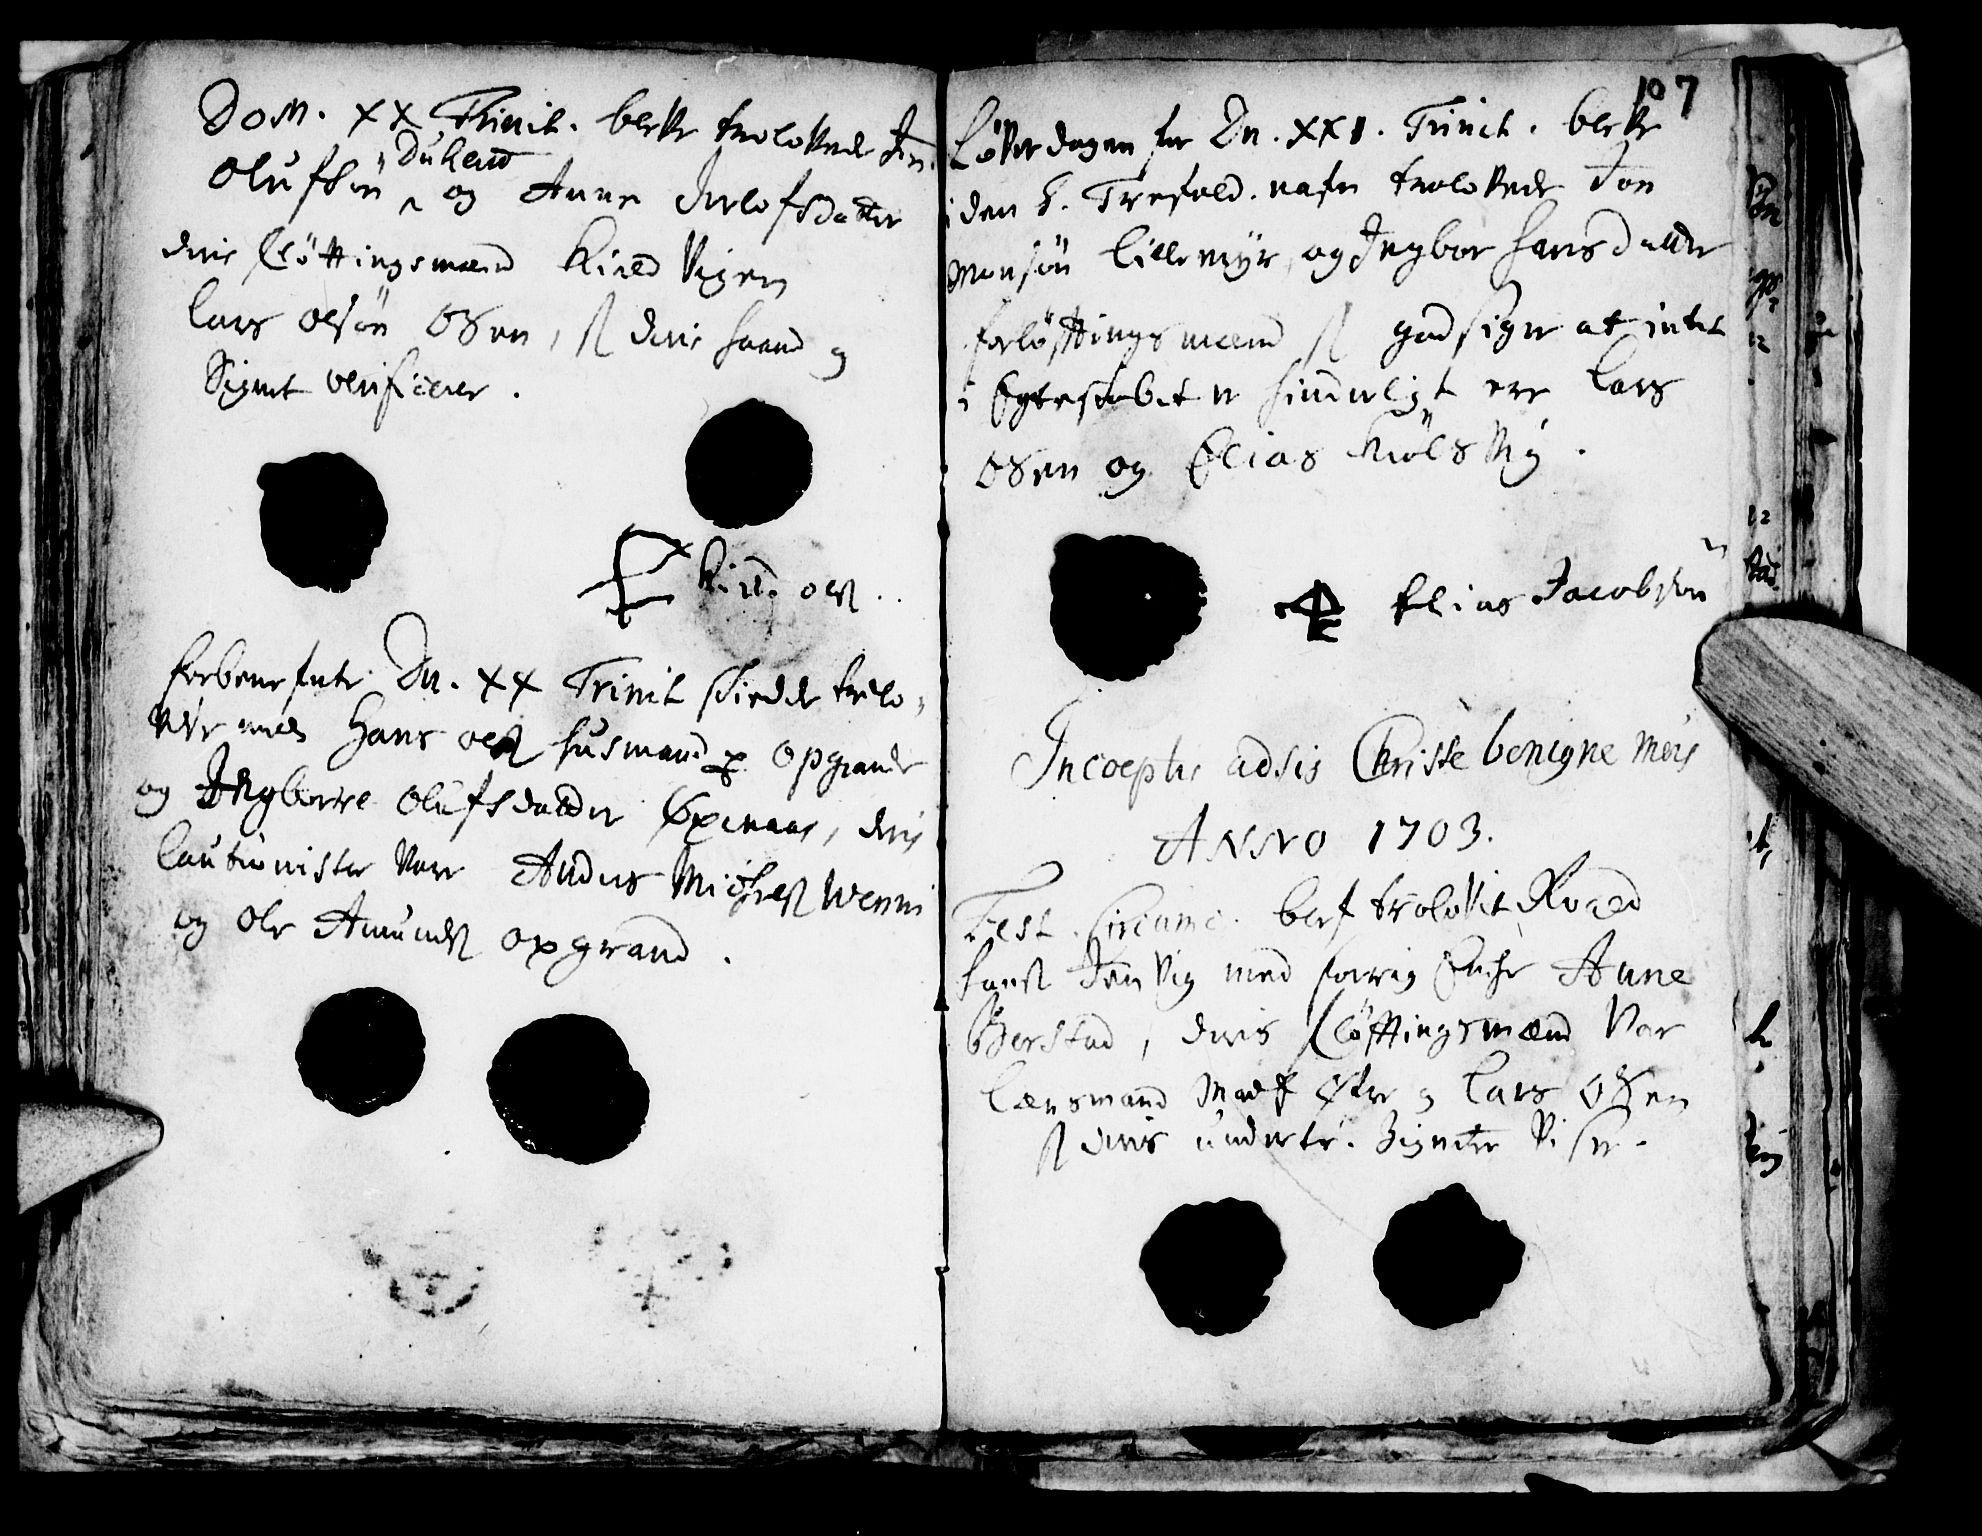 SAT, Ministerialprotokoller, klokkerbøker og fødselsregistre - Nord-Trøndelag, 722/L0214: Ministerialbok nr. 722A01, 1692-1718, s. 107